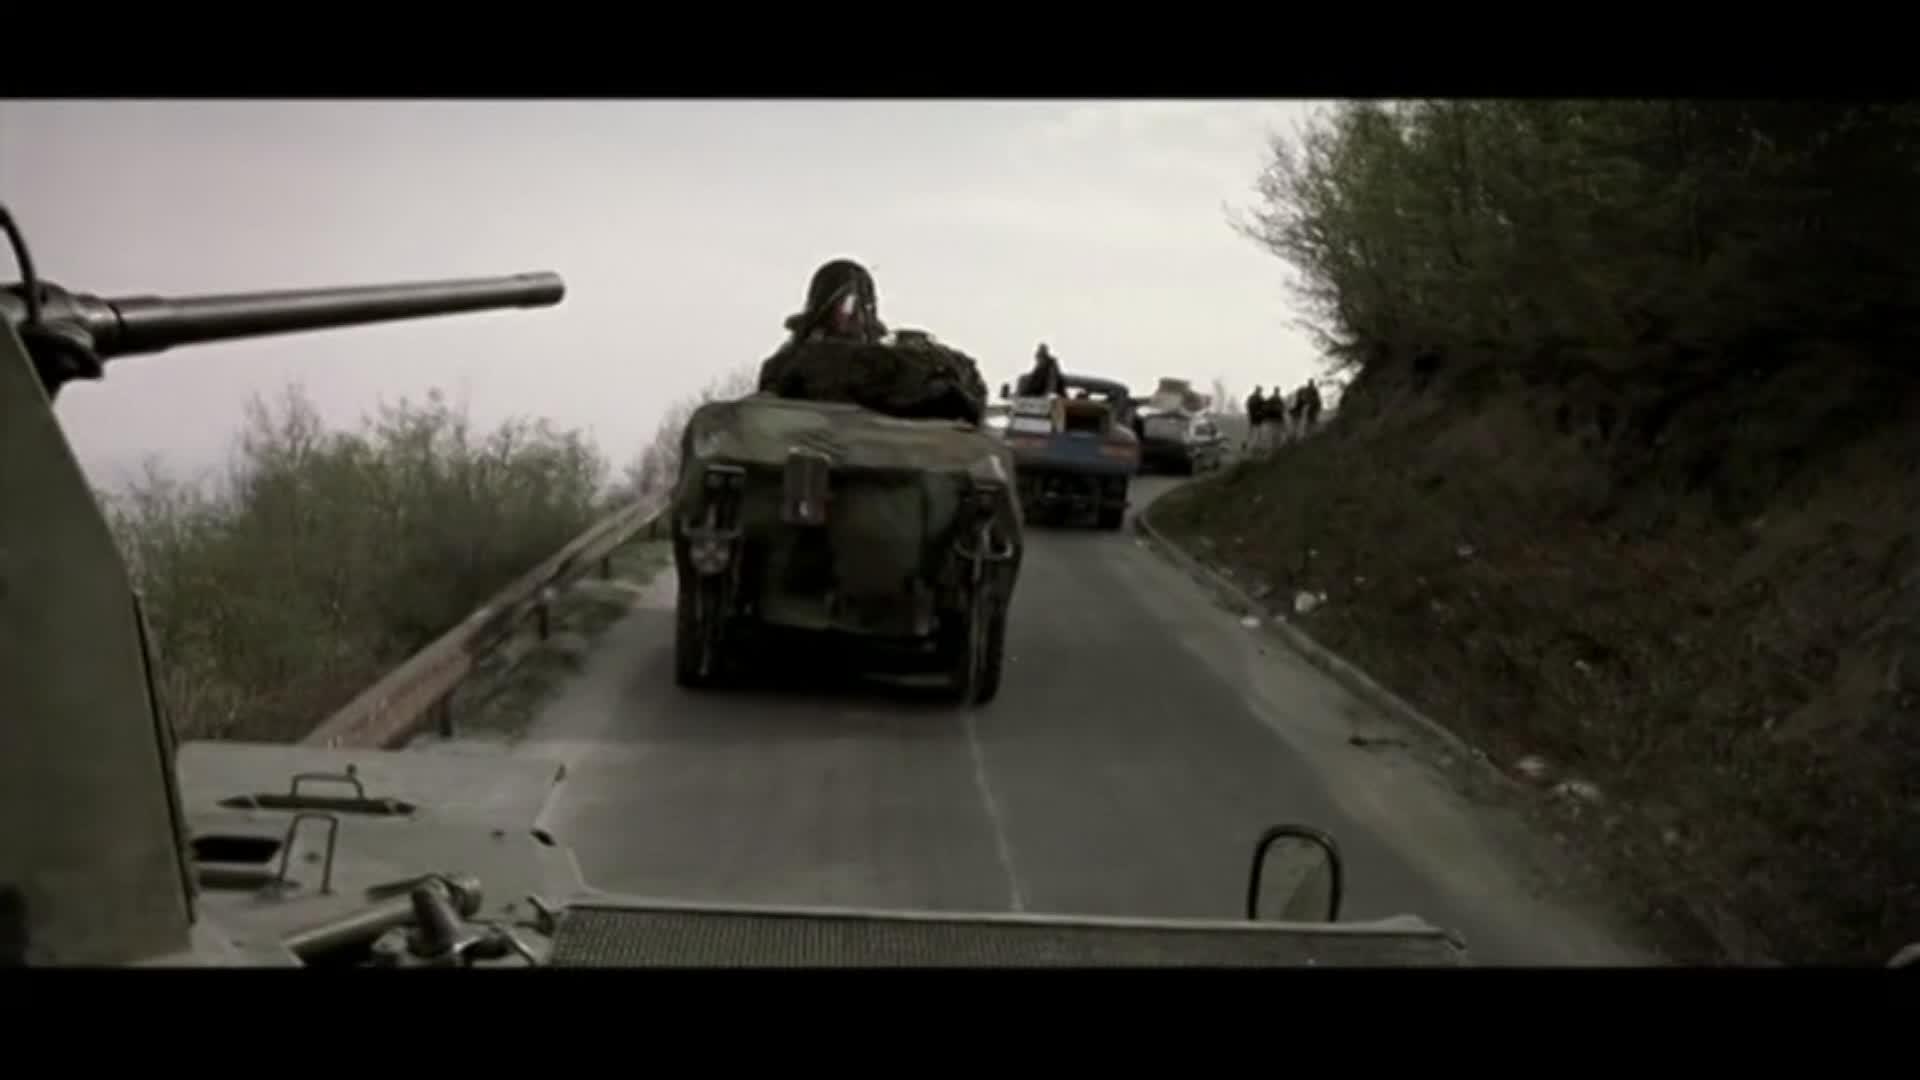 战争猛片! 维和部队与阿军交火死伤惨重, 丢了重装备后又误入雷区